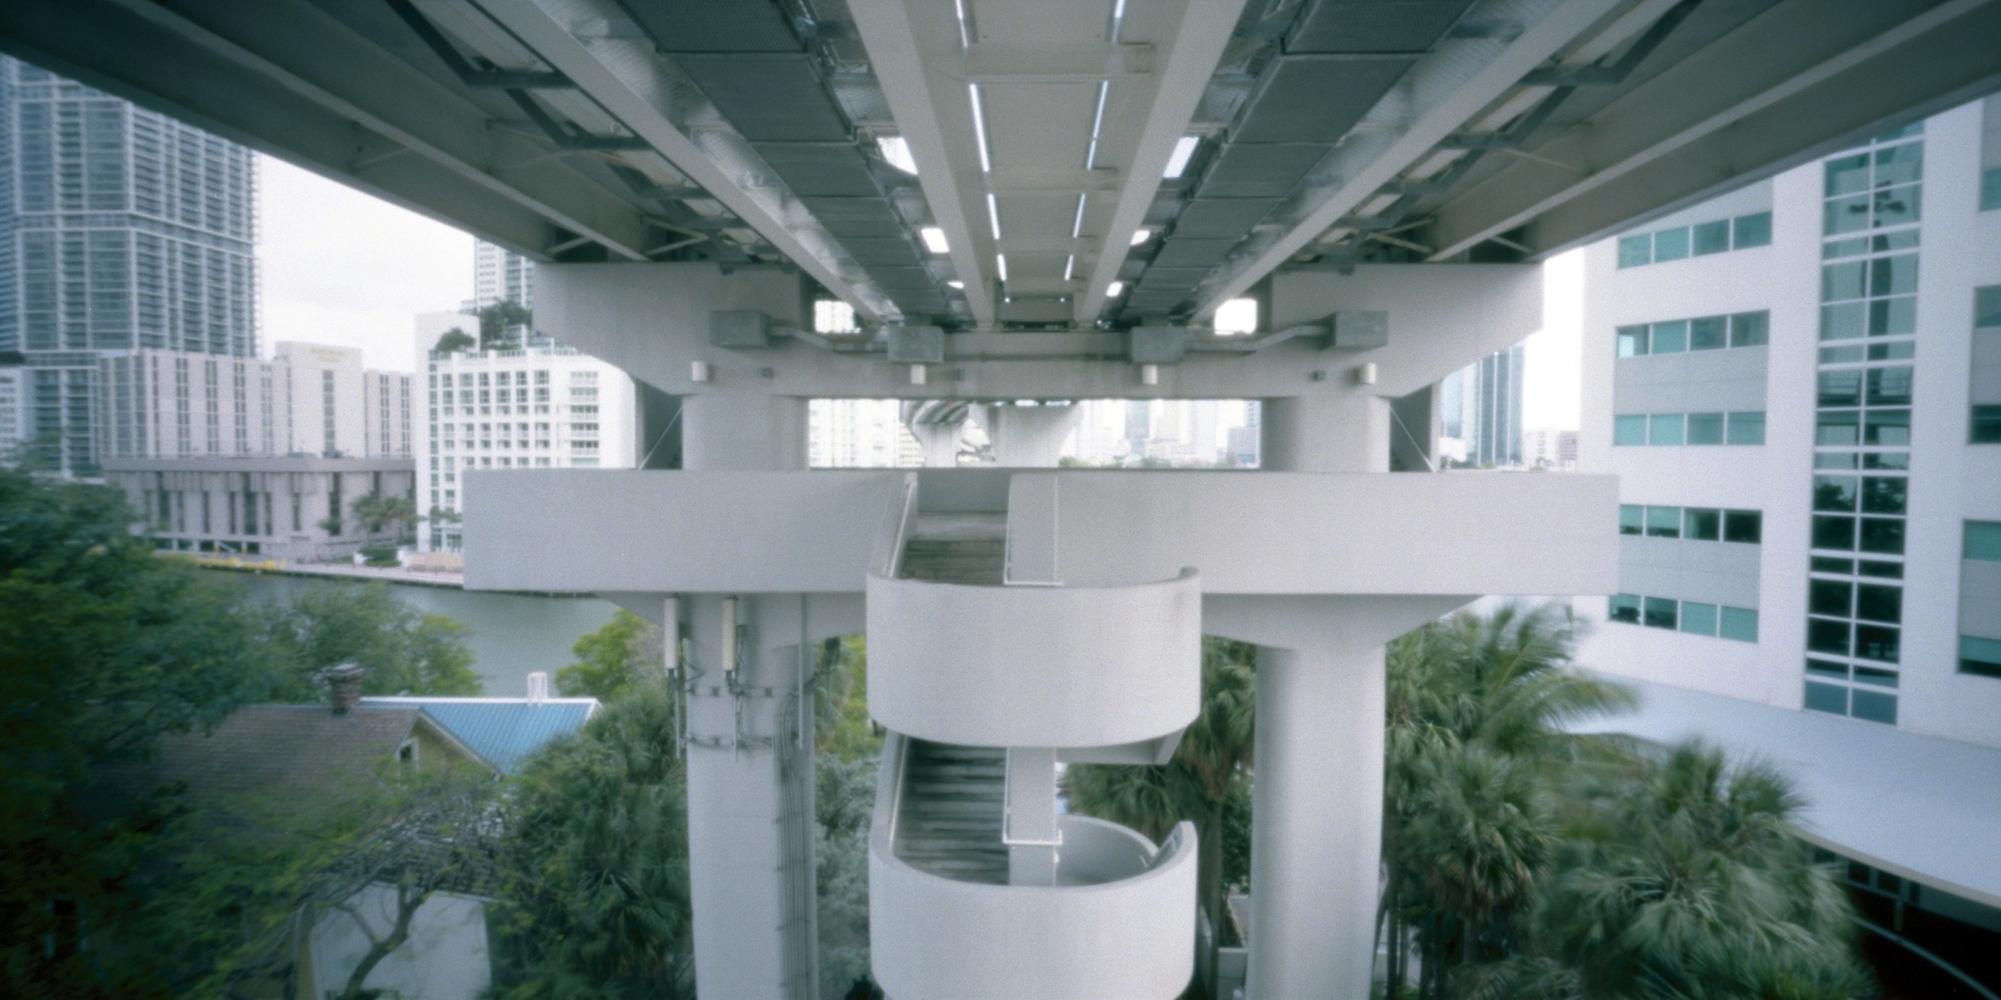 Metromover station, Miami, USA.